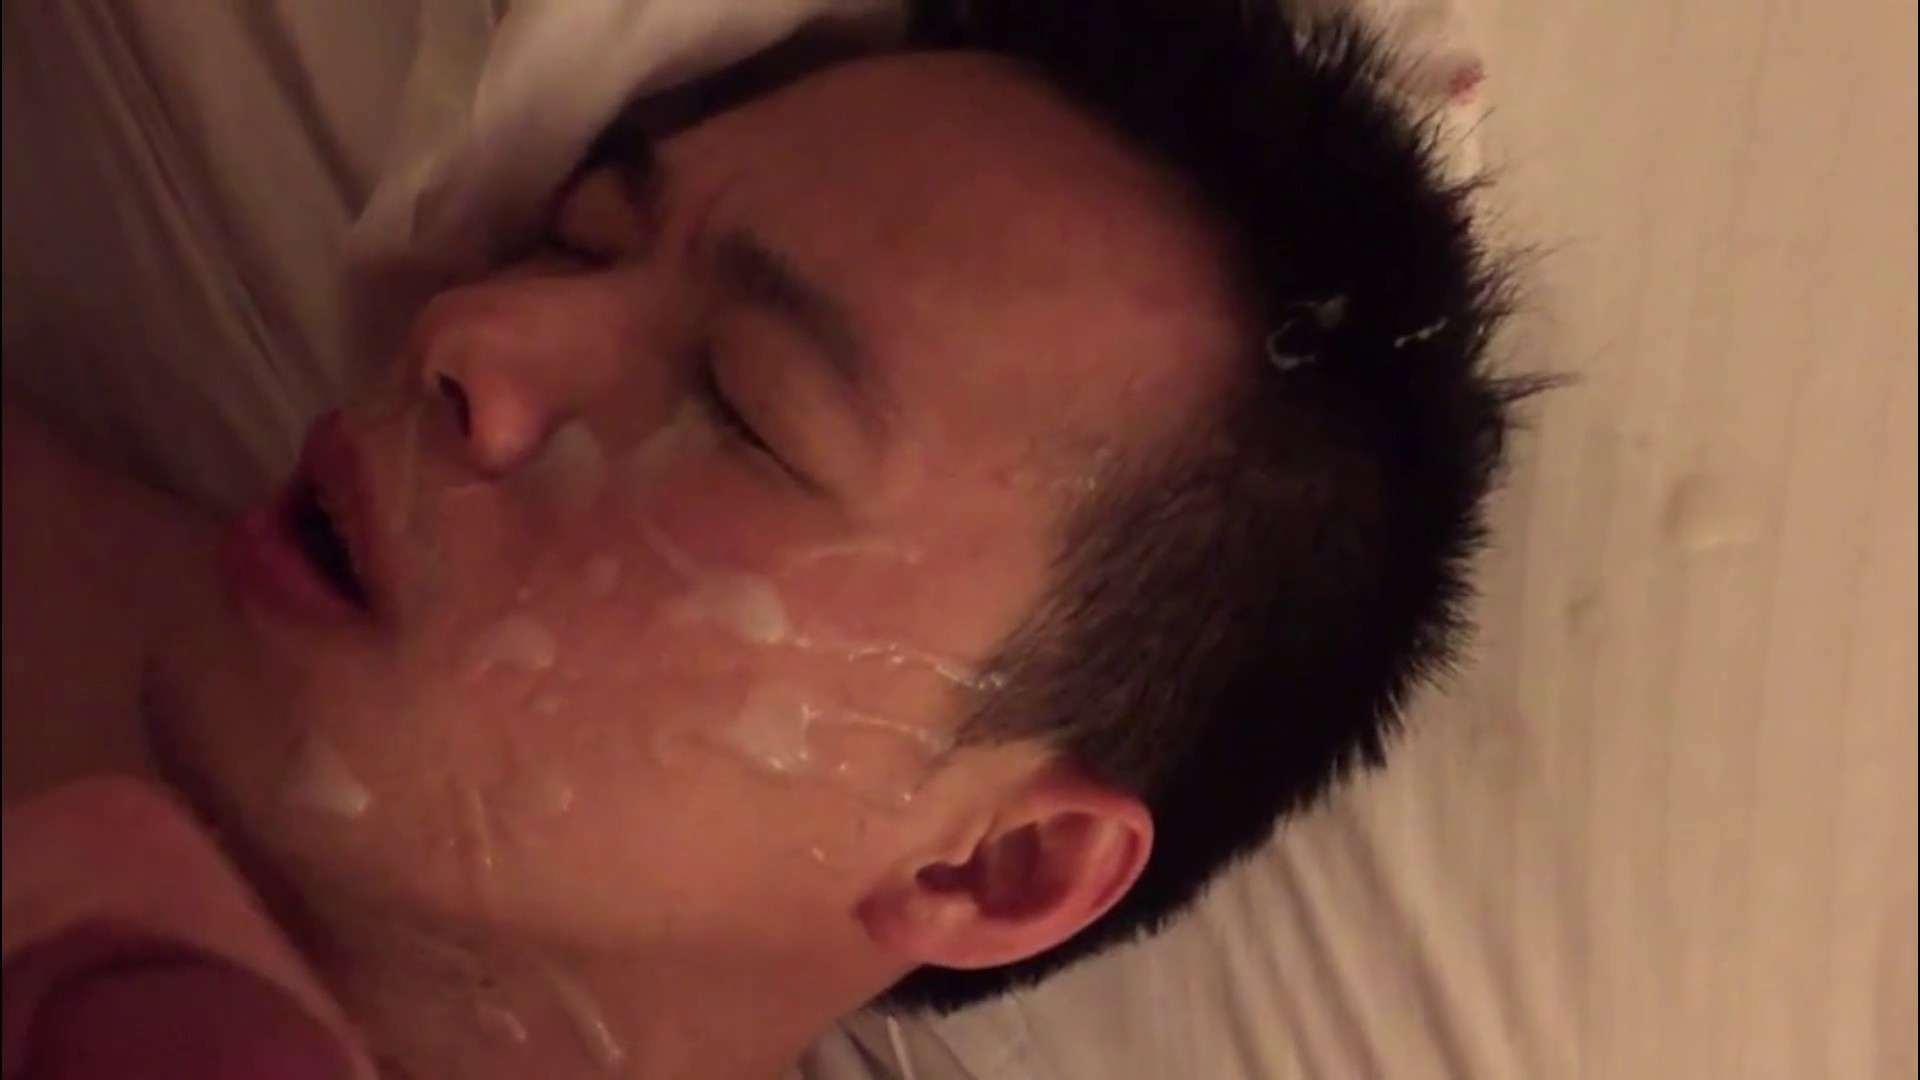 ゲイエロ動画|エロいフェラシーンをピックアップvol43|モ無し